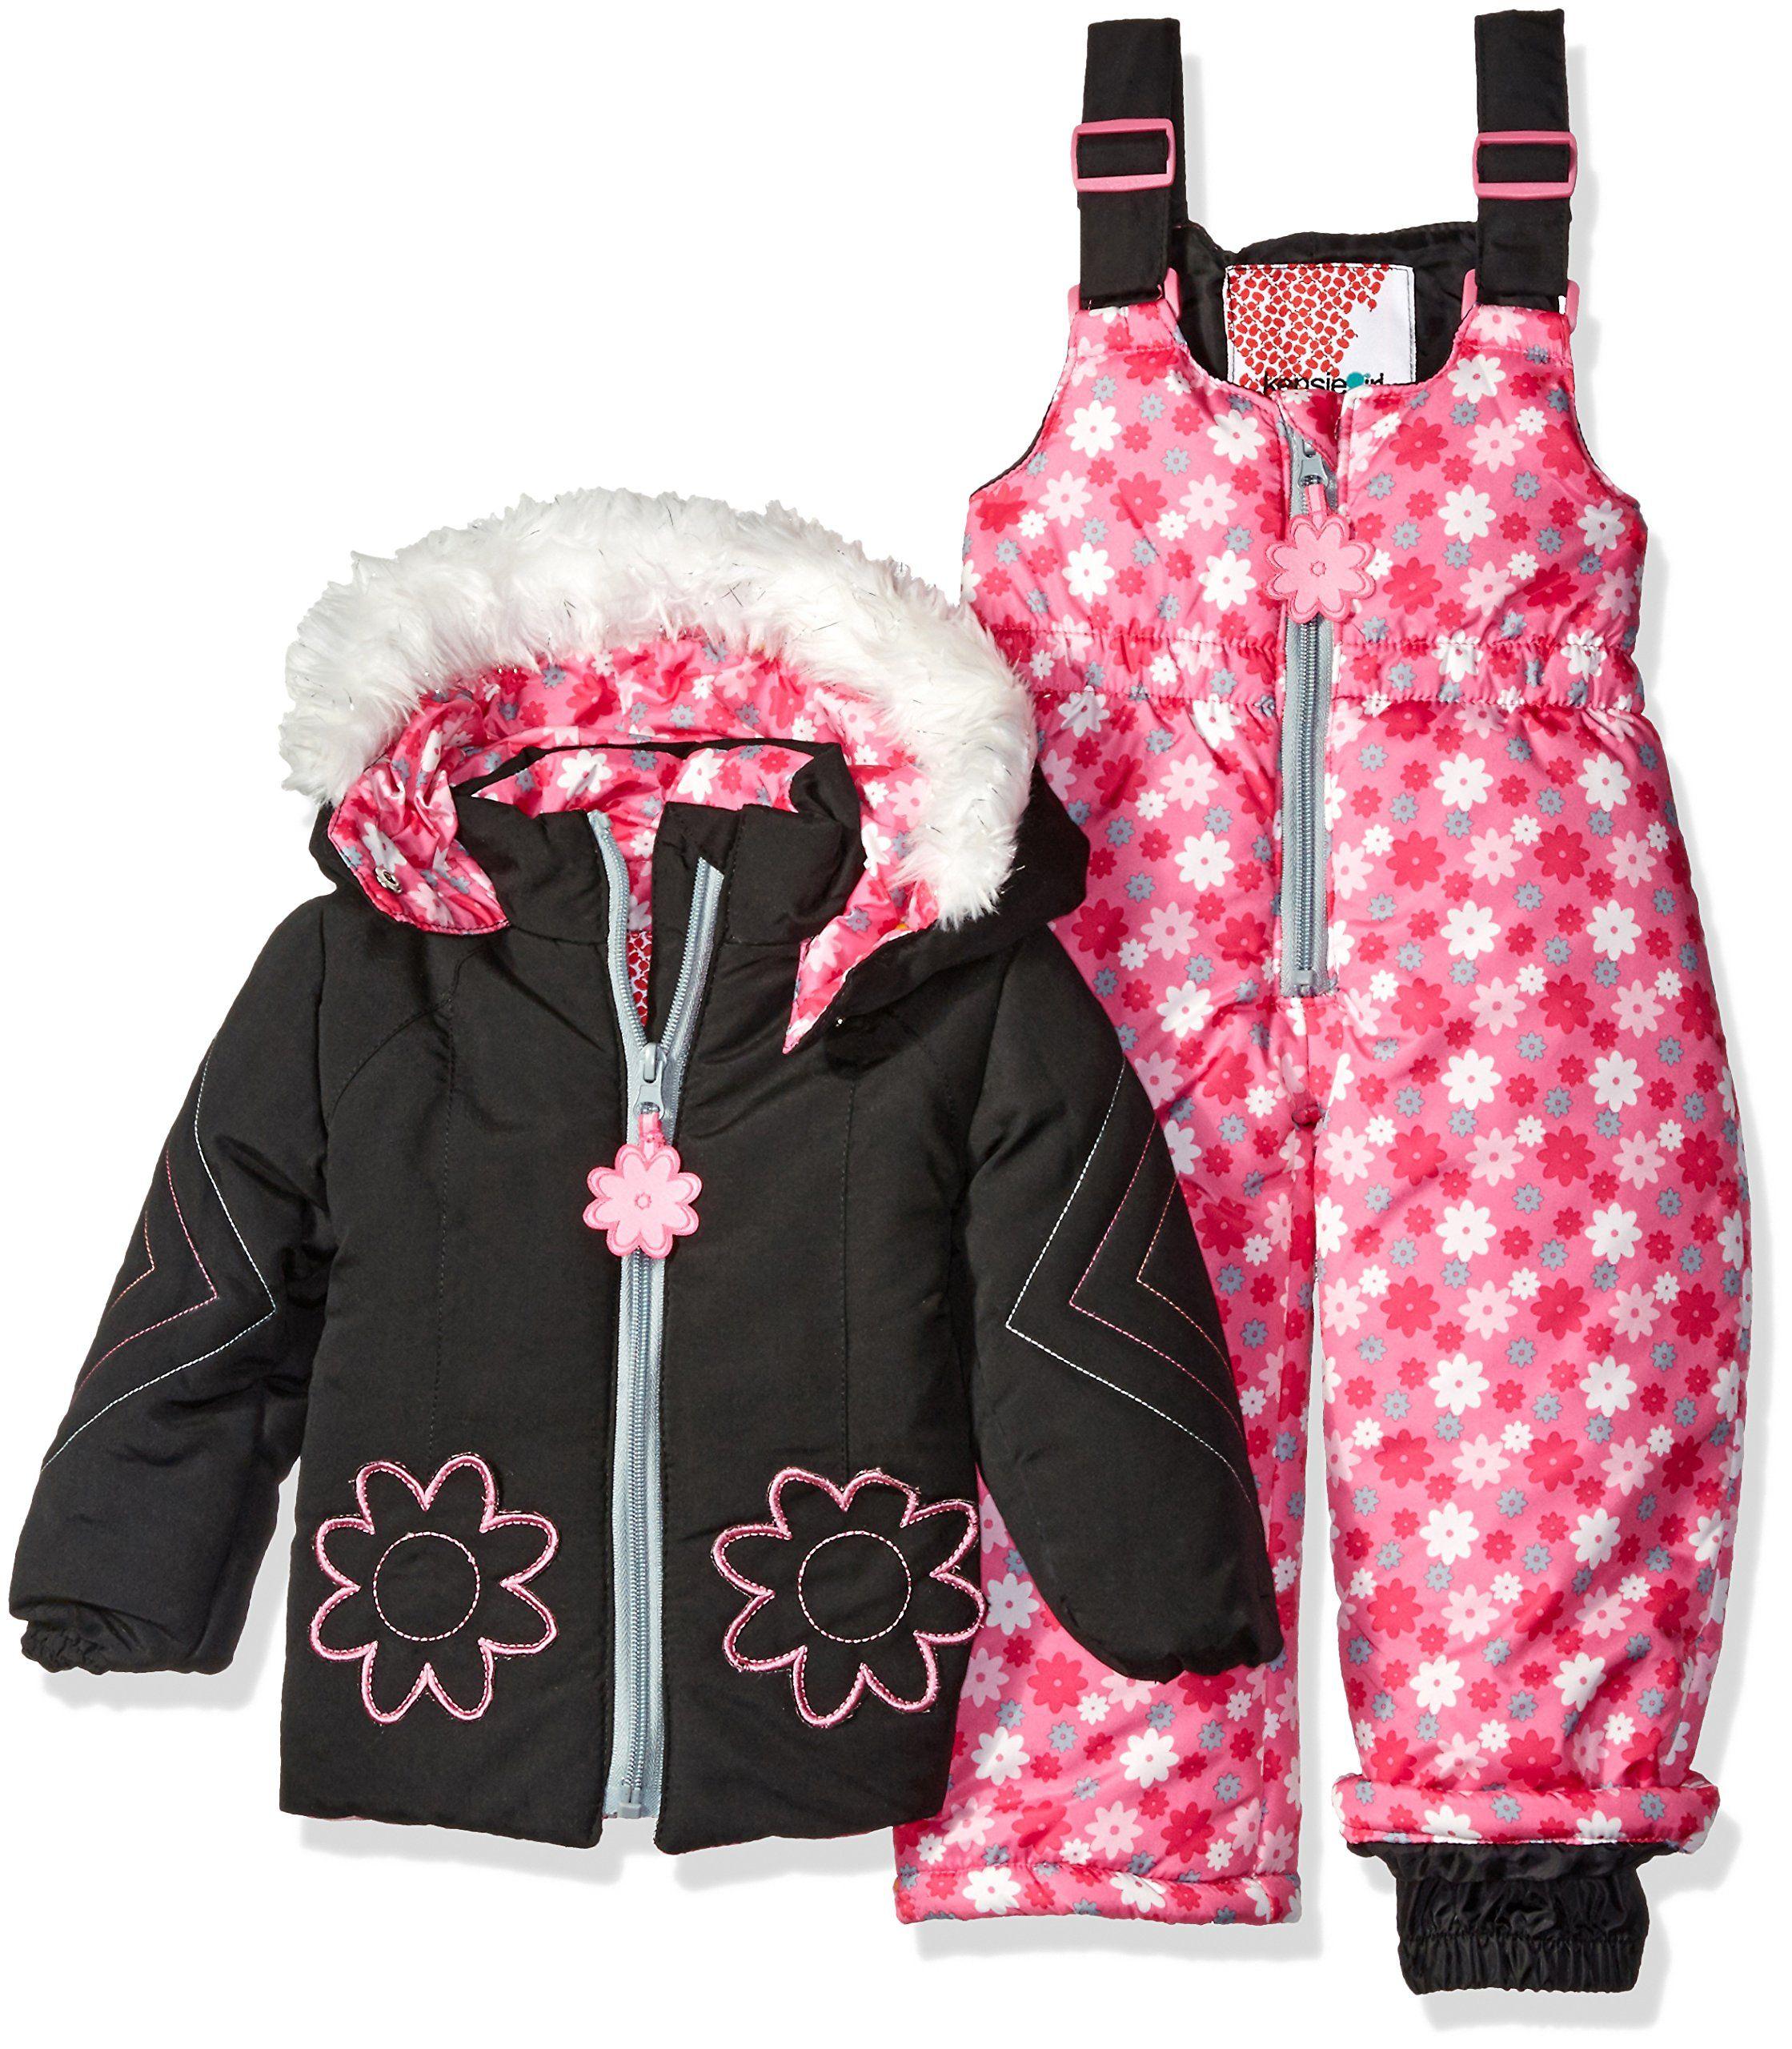 316afe2e0 Kensie Baby Girls  2 Piece Snowsuit